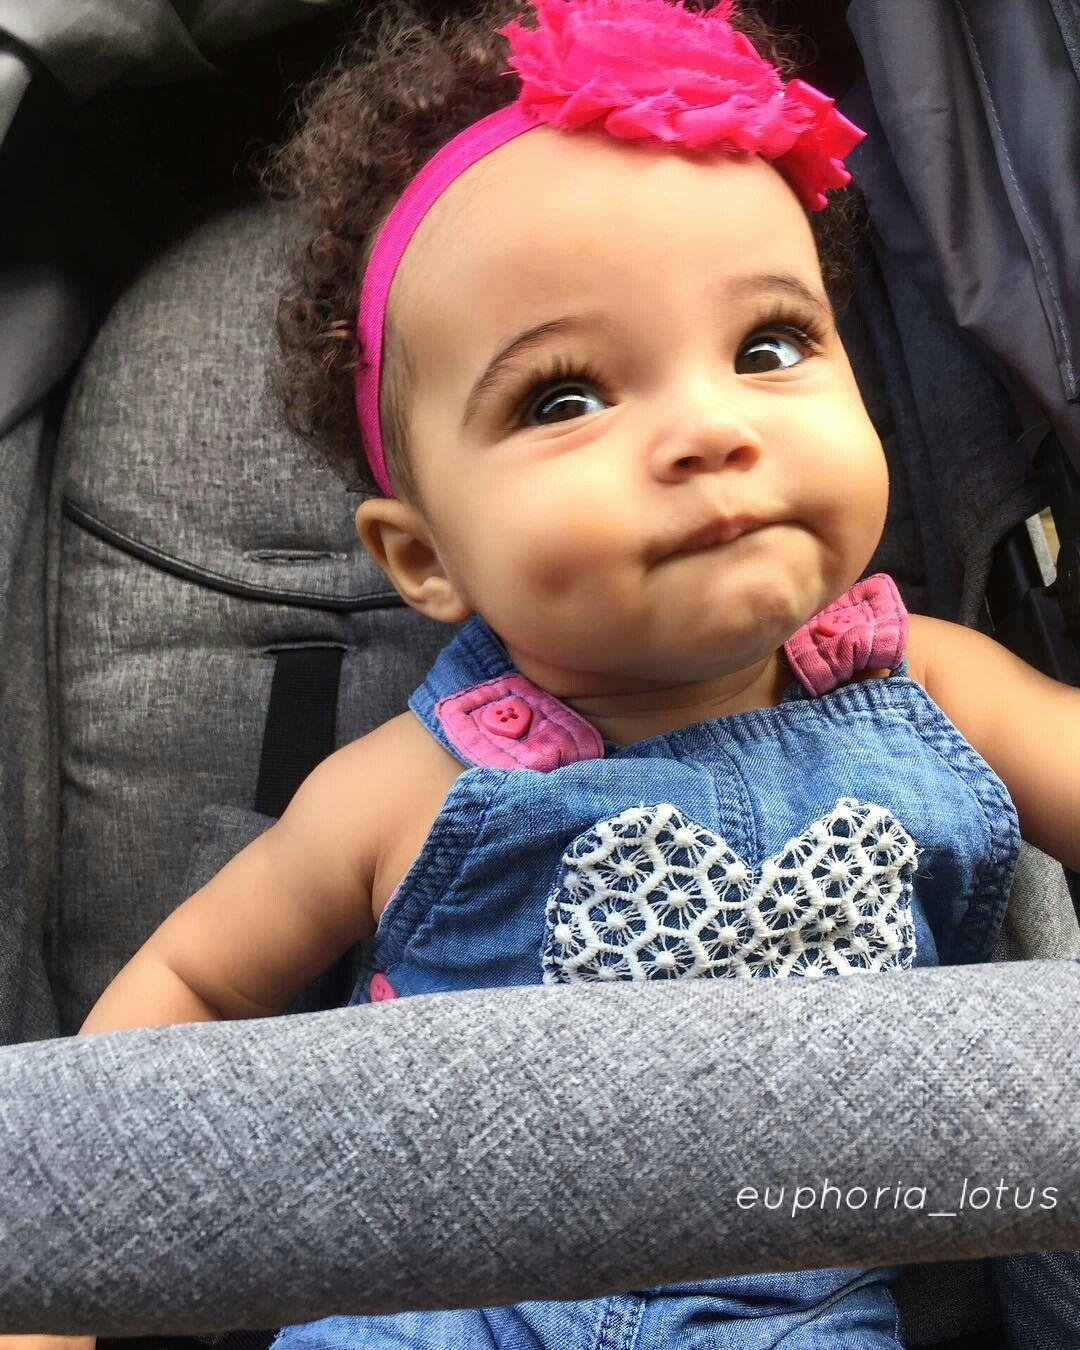 ✨ ɢᴏ ғᴏʟʟᴏᴡ @ʙʙɢxʟᴏɴɪ ғᴏʀ ᴅᴀɪʟʏ ᴘɪɴs✨ | cute babies/kids